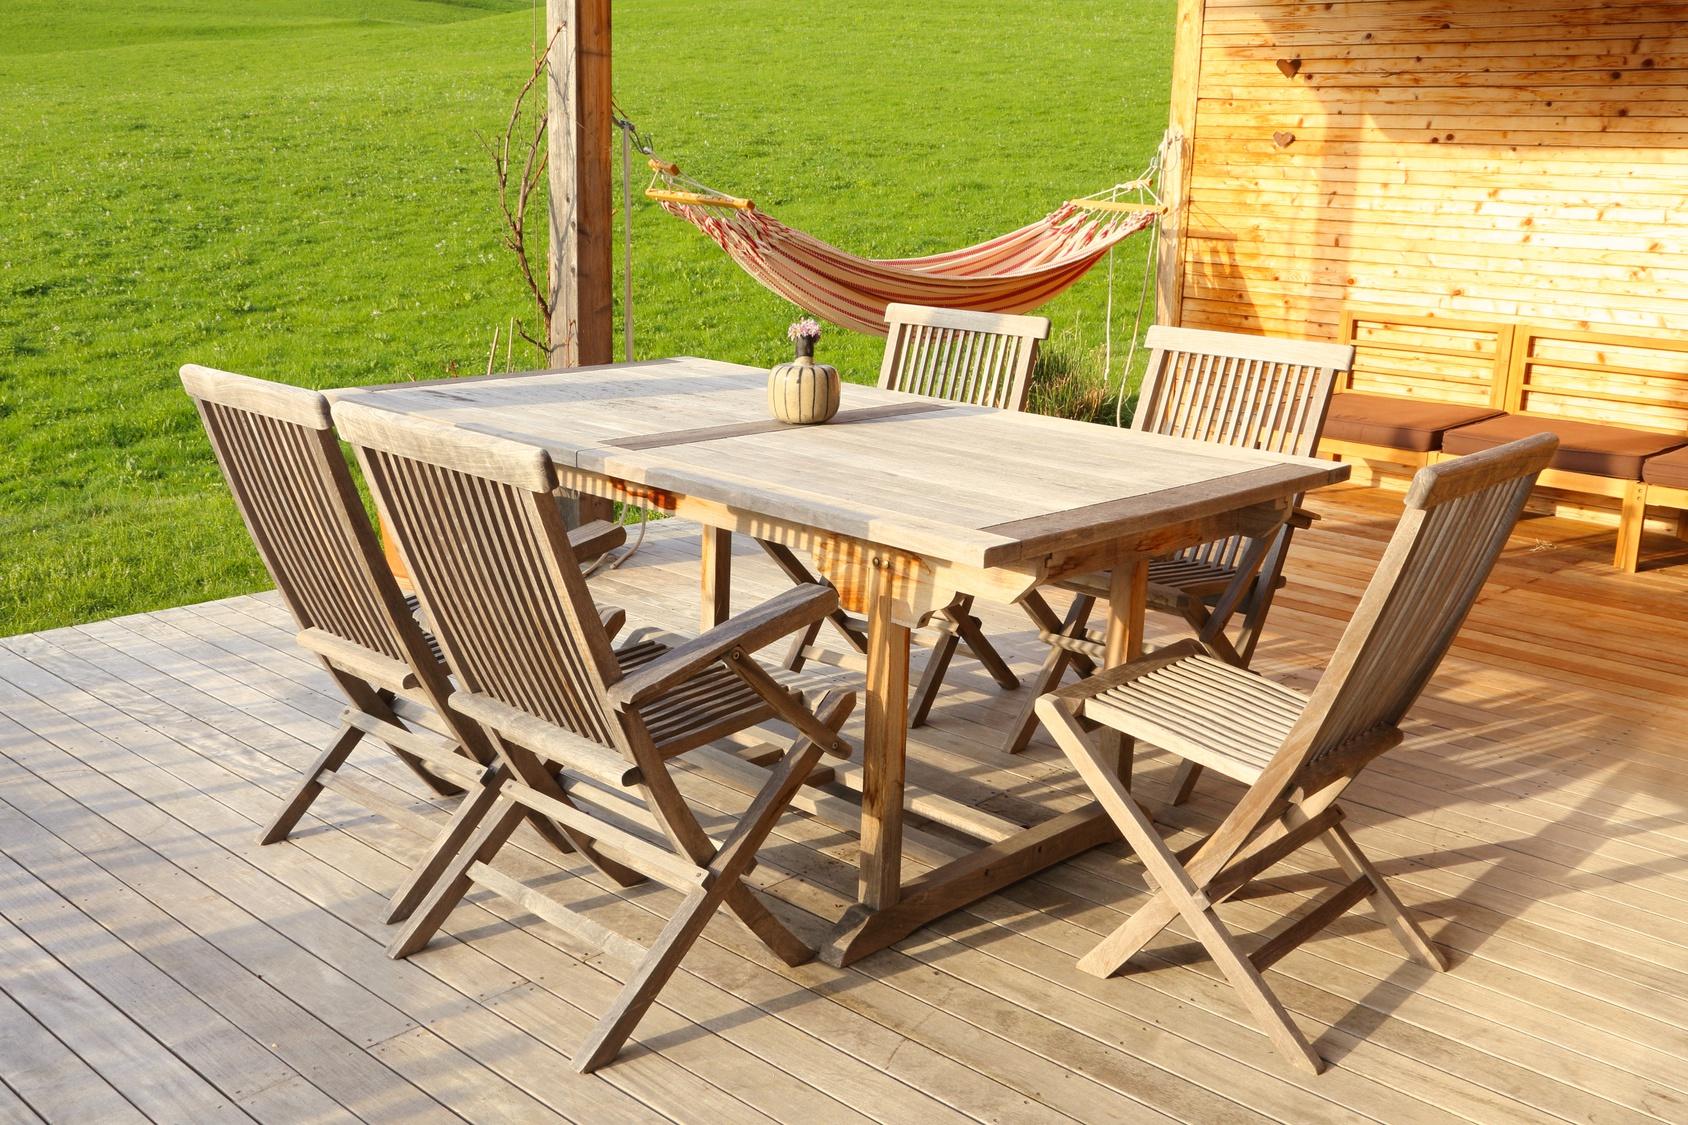 Entretenir son mobilier de jardin en teck bois et plastique for Meuble de jardin teck